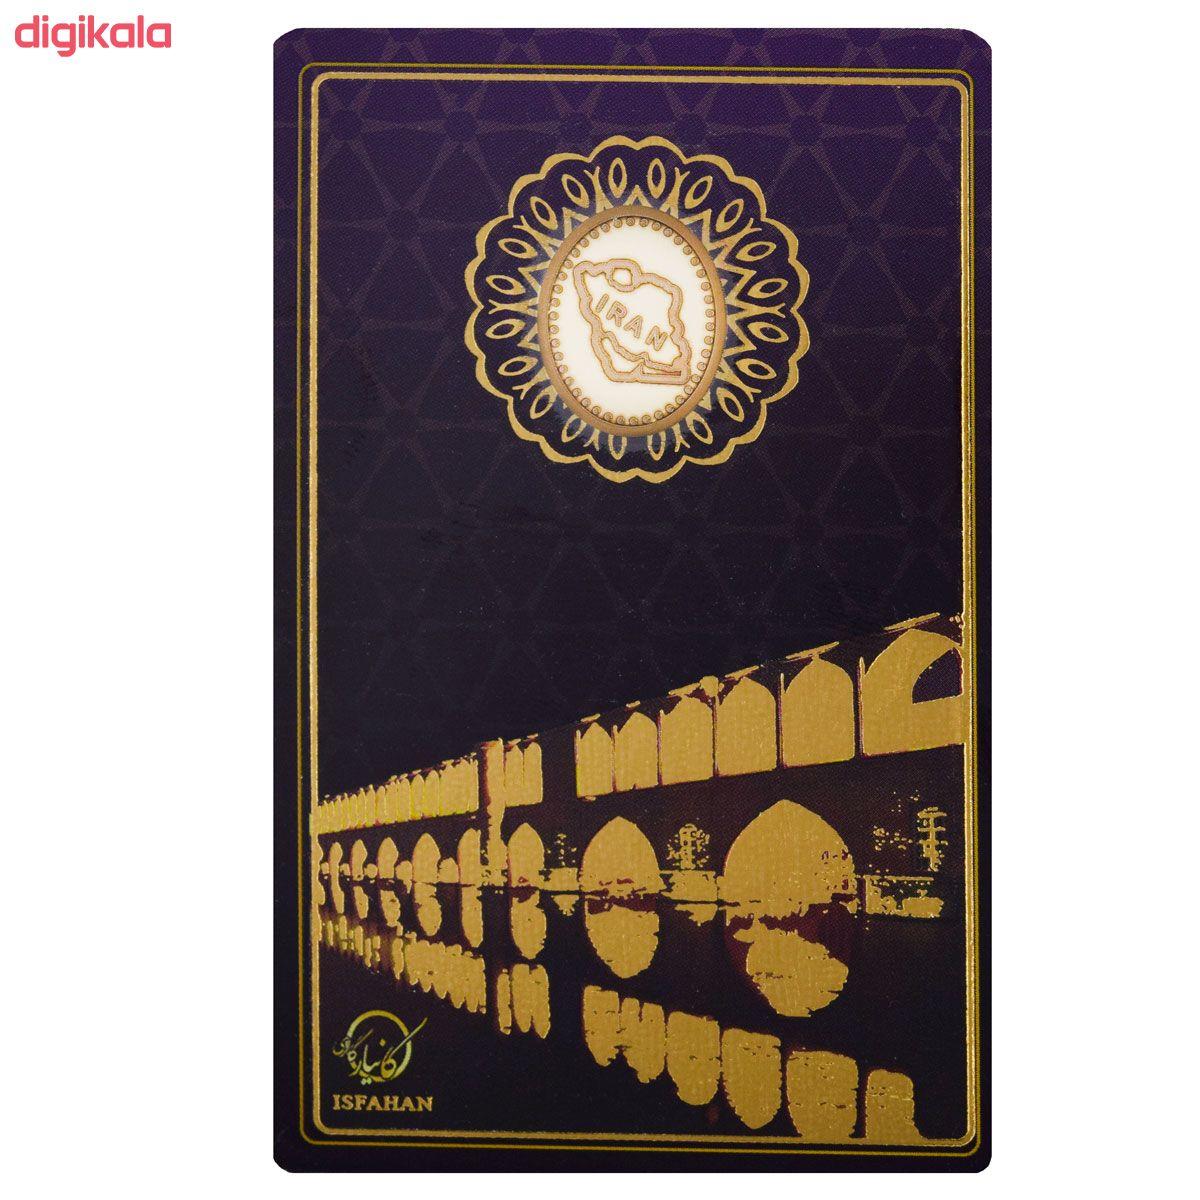 طلا گرمی 18 عیار کانیار گالری طرح سی و سه پل اصفهان کد 88 main 1 5